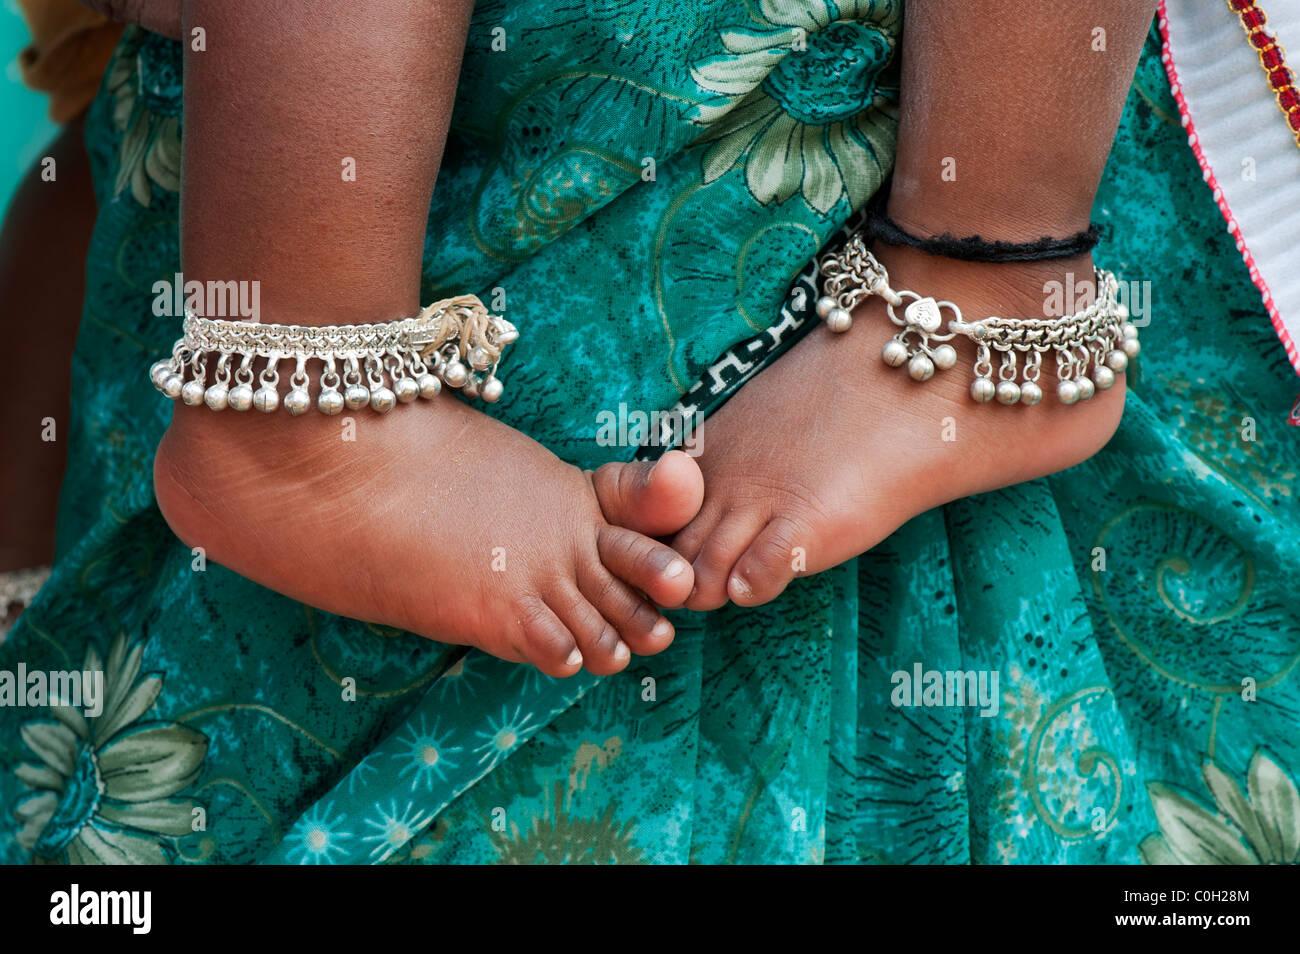 Los bebés indios pies descalzos contra las madres verde sari floral. En Andhra Pradesh, India Foto de stock